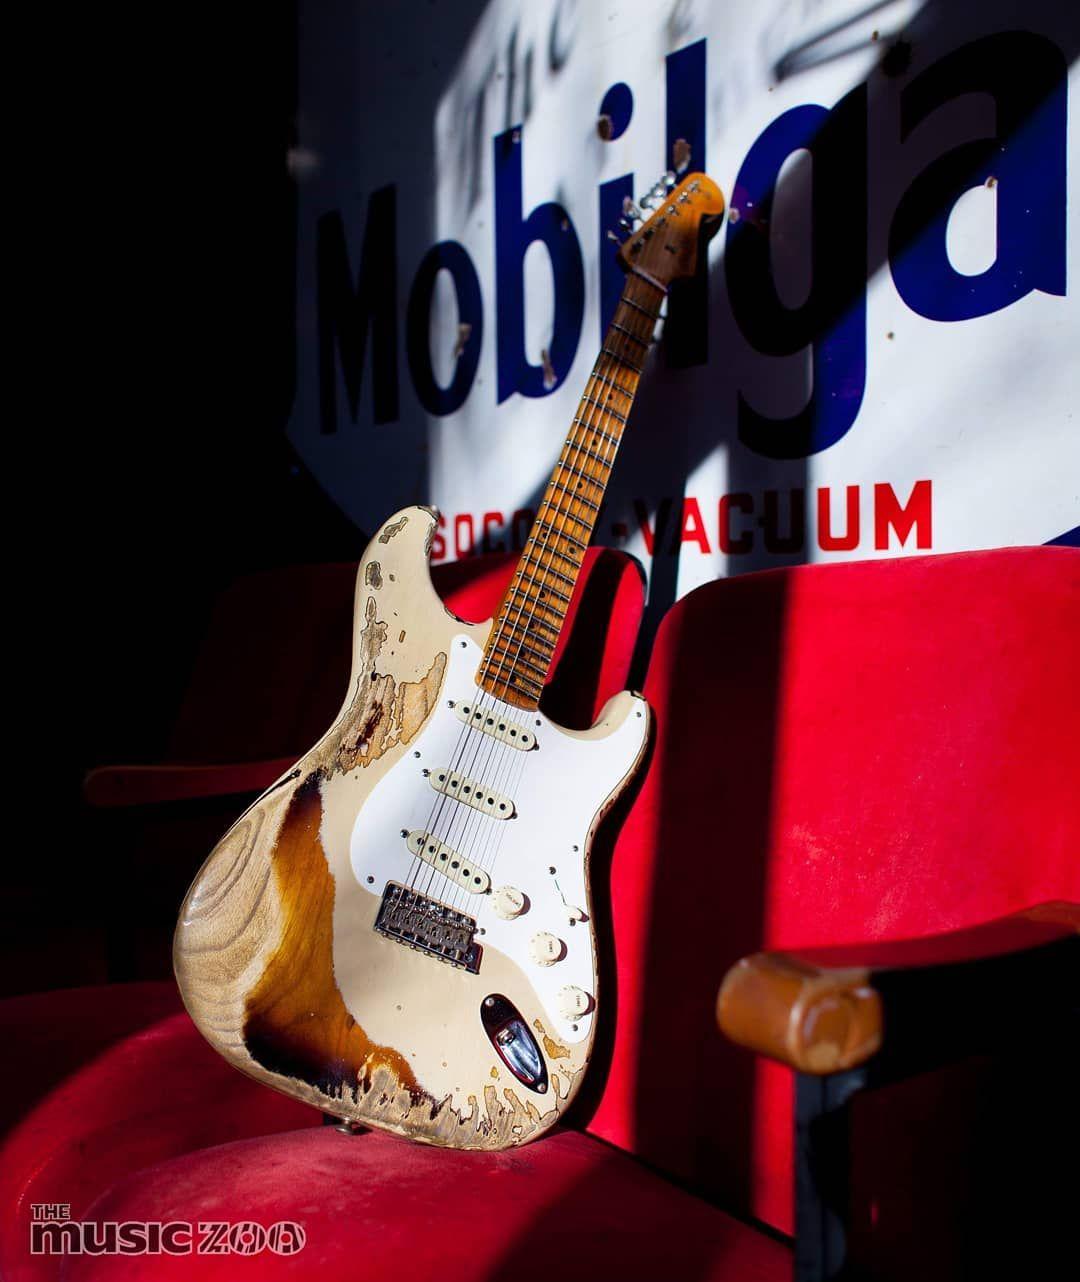 Fendercustomshop 57 Stratocaster Sporting A Desert Sand Over 2 Tone Sunburst Finish 6105 Frets And Handwound 57 Strat Pickups